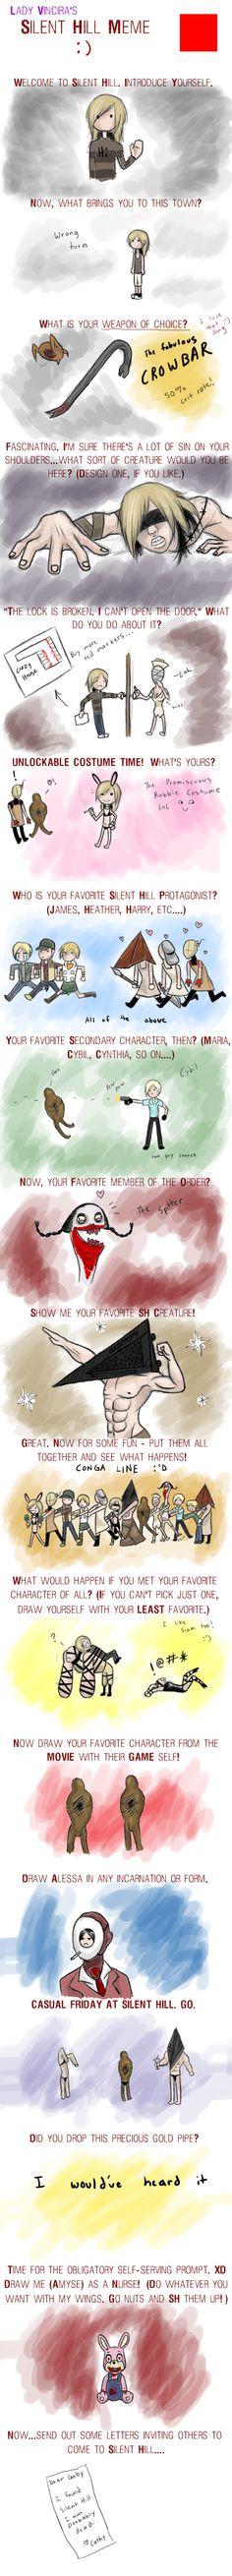 - Silent Hill Meme - by Kanti-Kane on DeviantArt